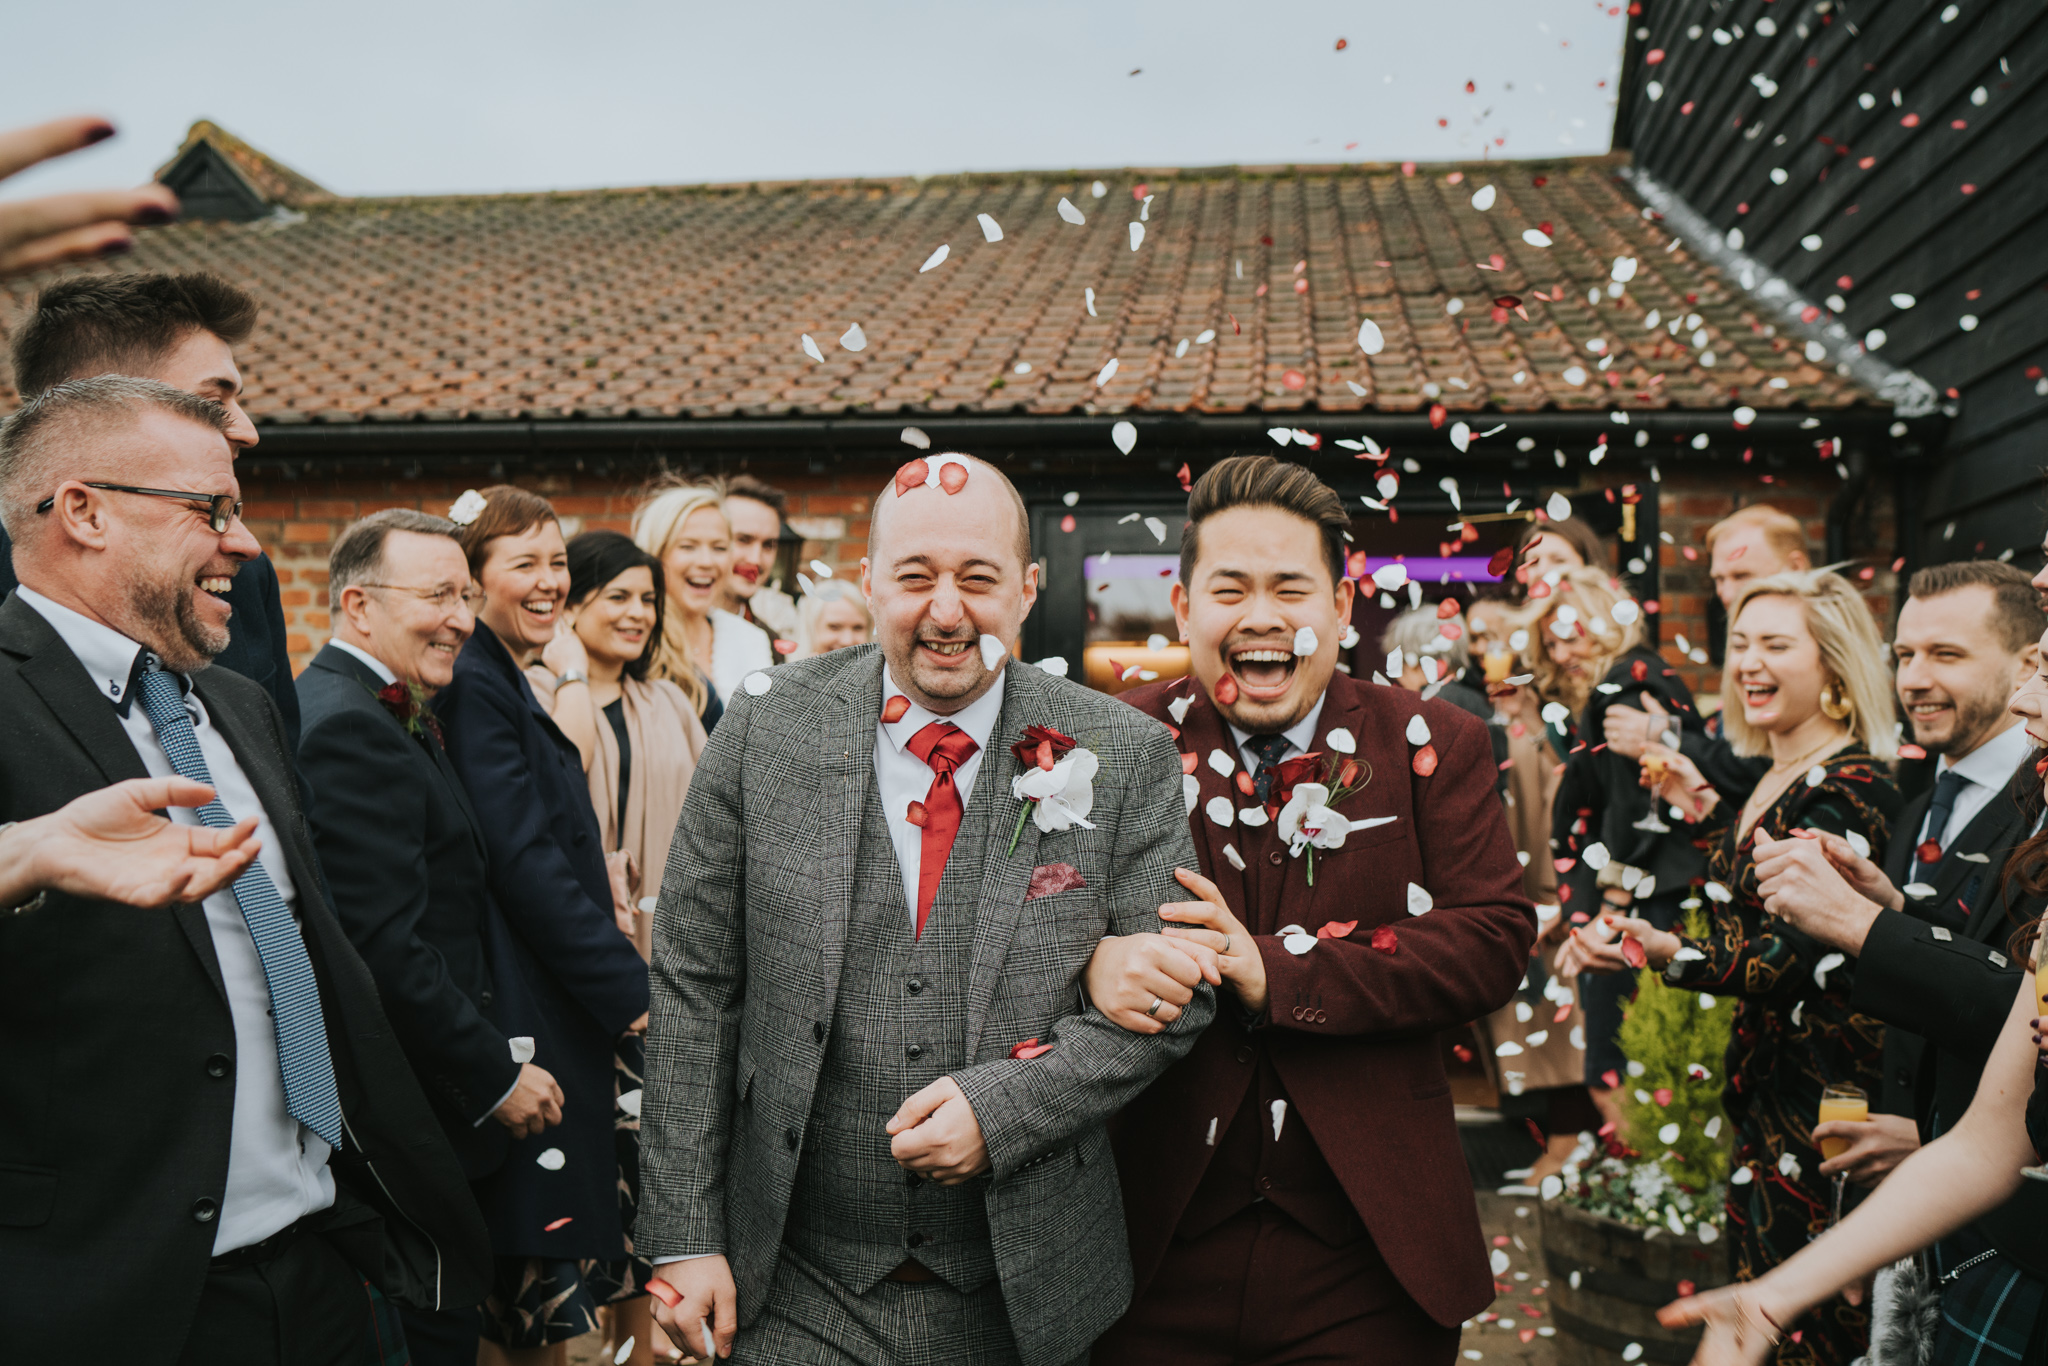 mark-laurence-crondon-park-same-sex-wedding-grace-elizabeth-colchester-essex-alternative-wedding-photographer-suffolk-norfolk-devon (15 of 33).jpg